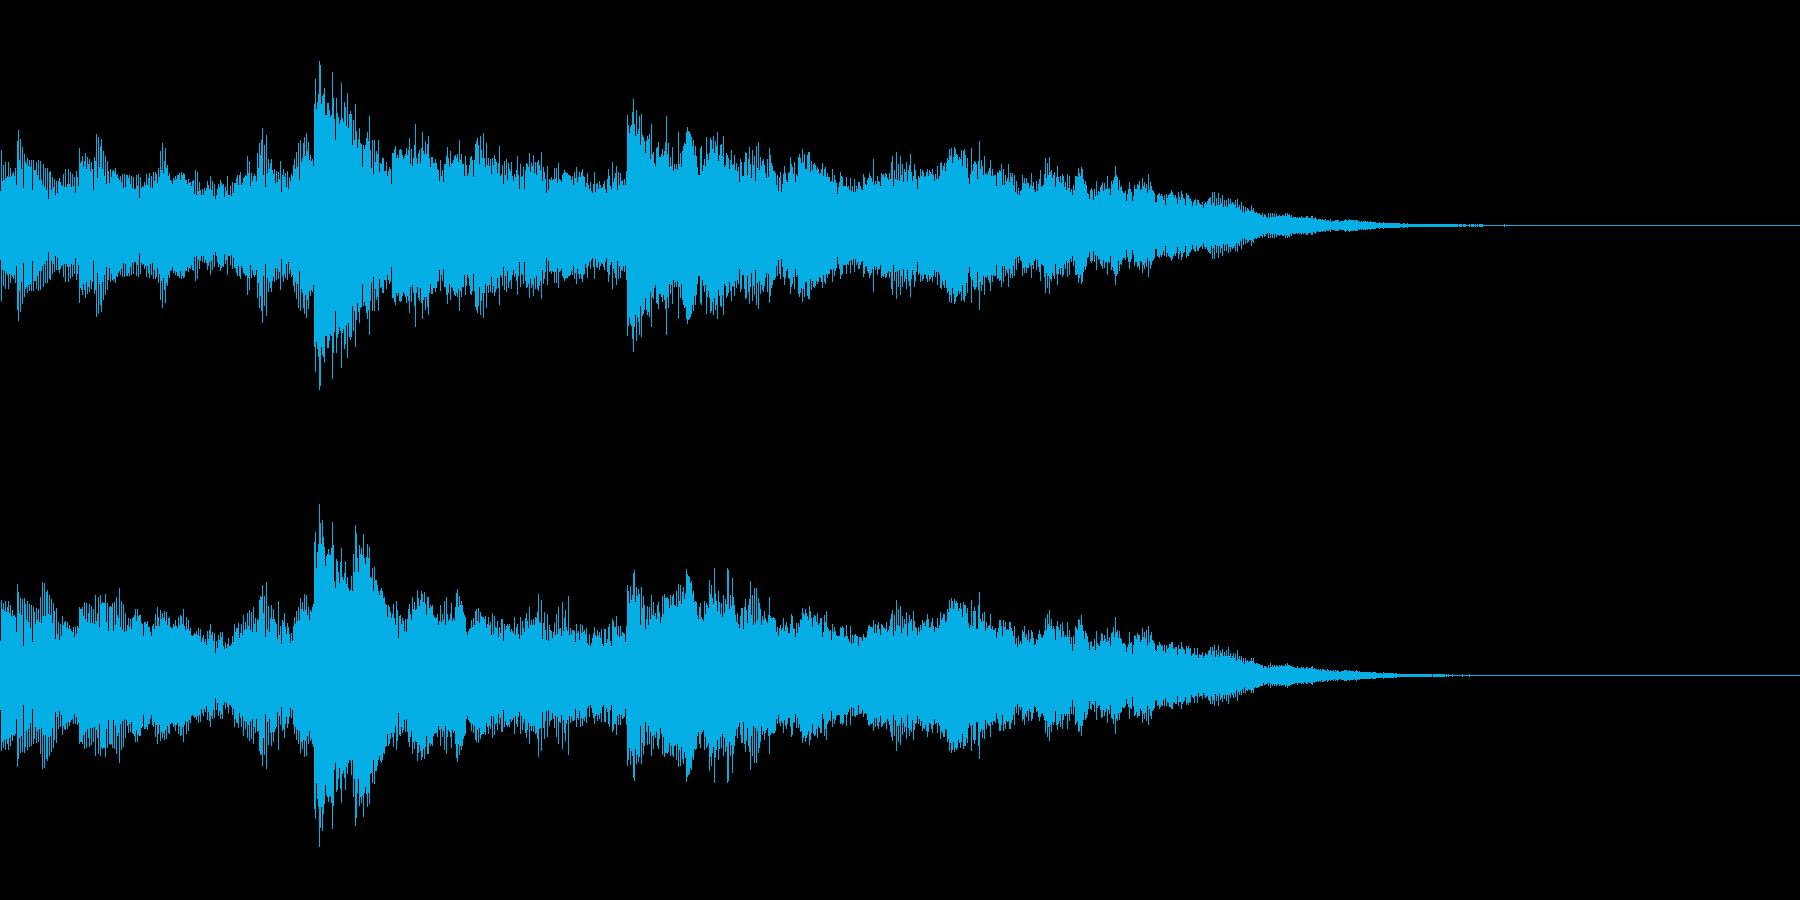 オーガニックなオープニングサウンドロゴ3の再生済みの波形